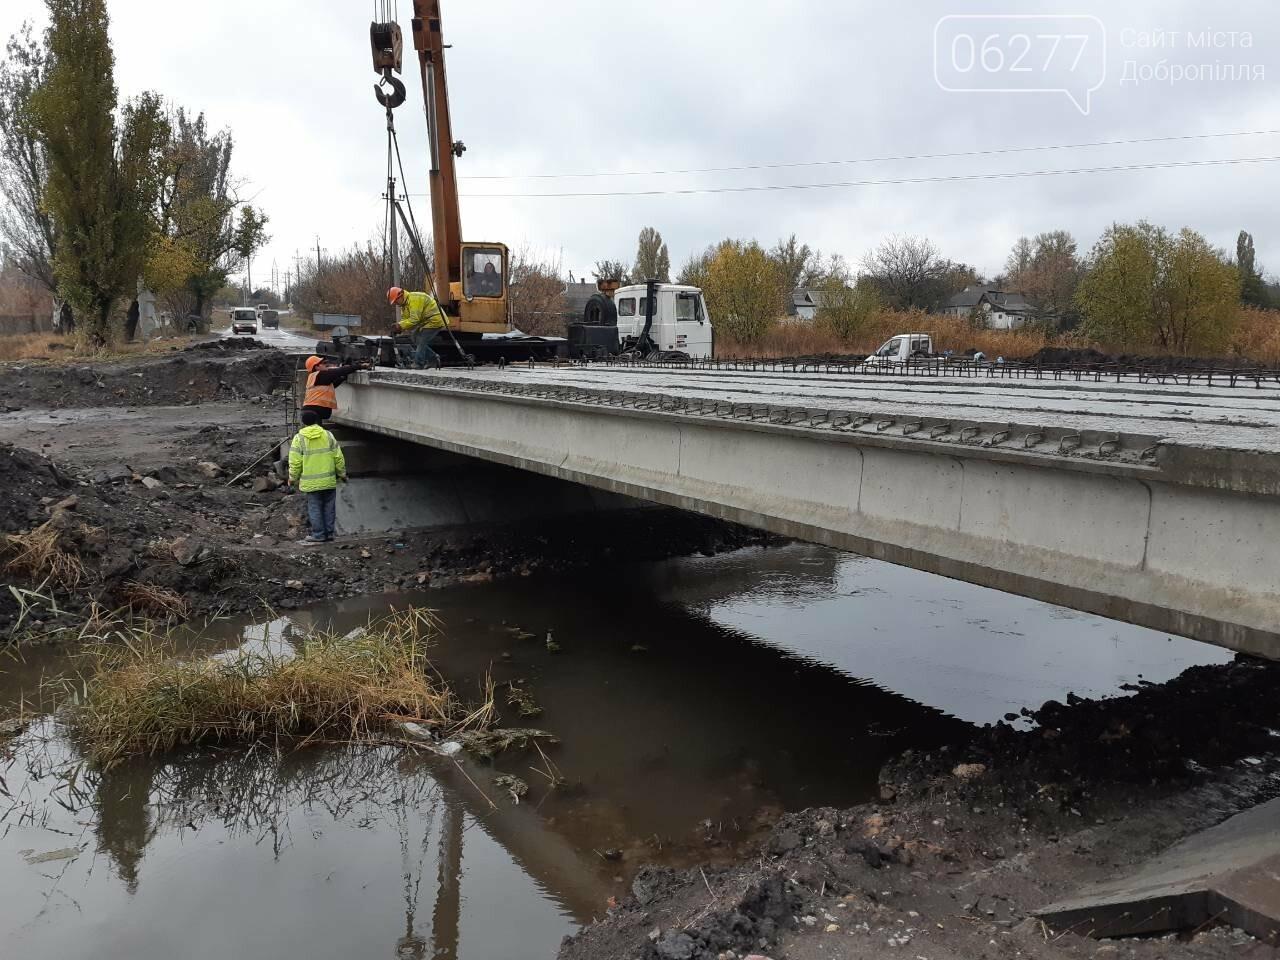 Добропільський район: завершено роботи з улаштування балок прогонової будови моста у с. Ганнівка, фото-1